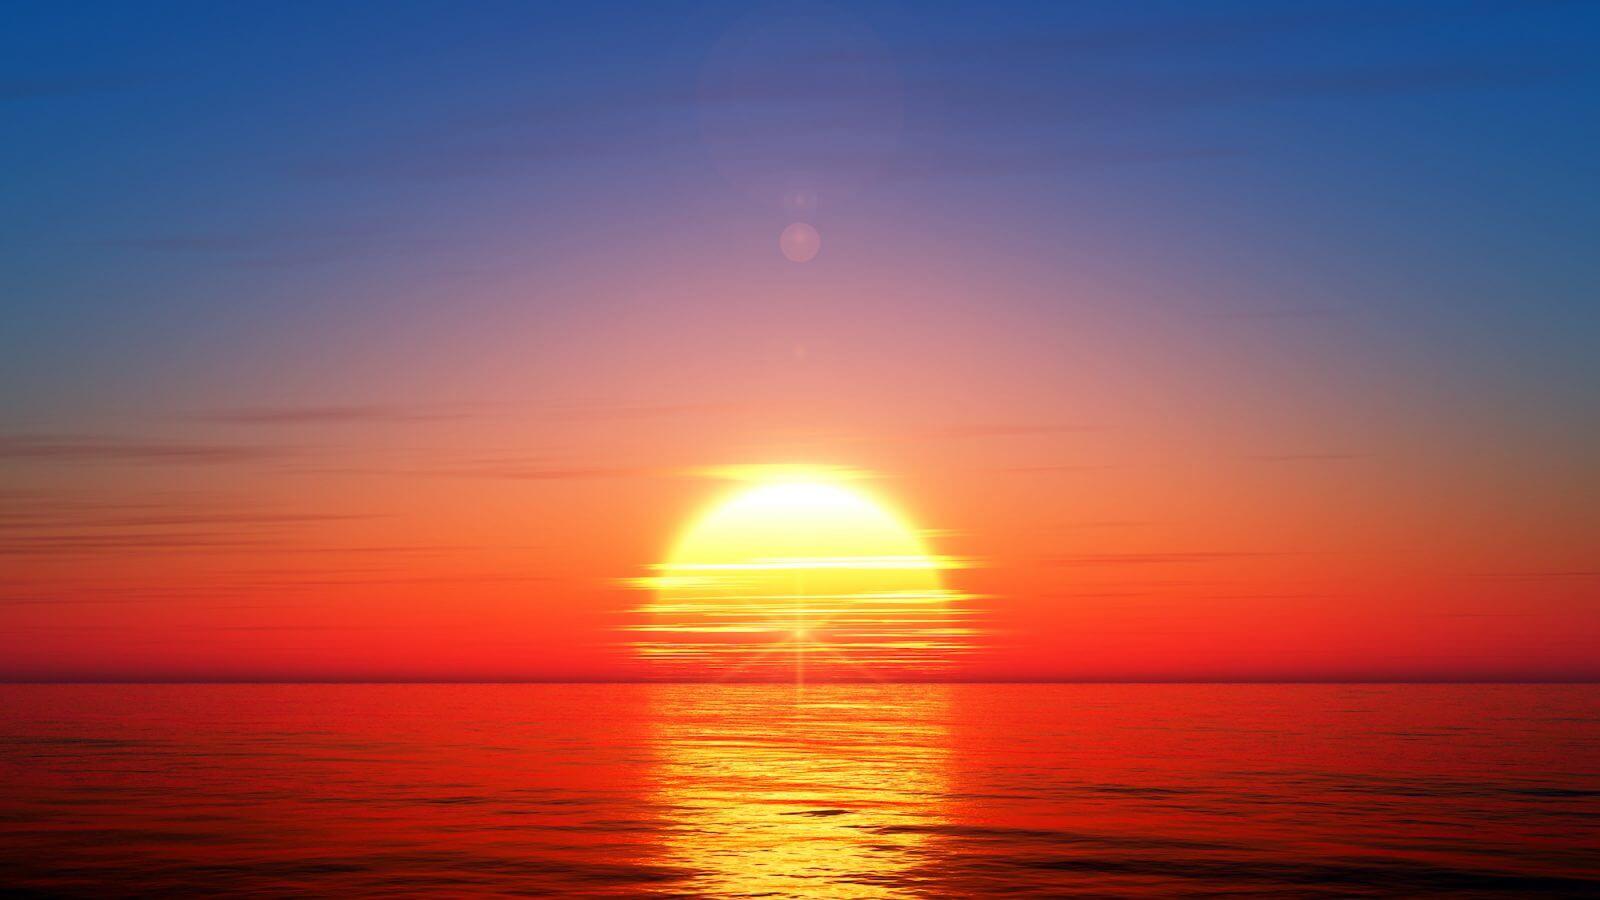 conjunción solar ascendente